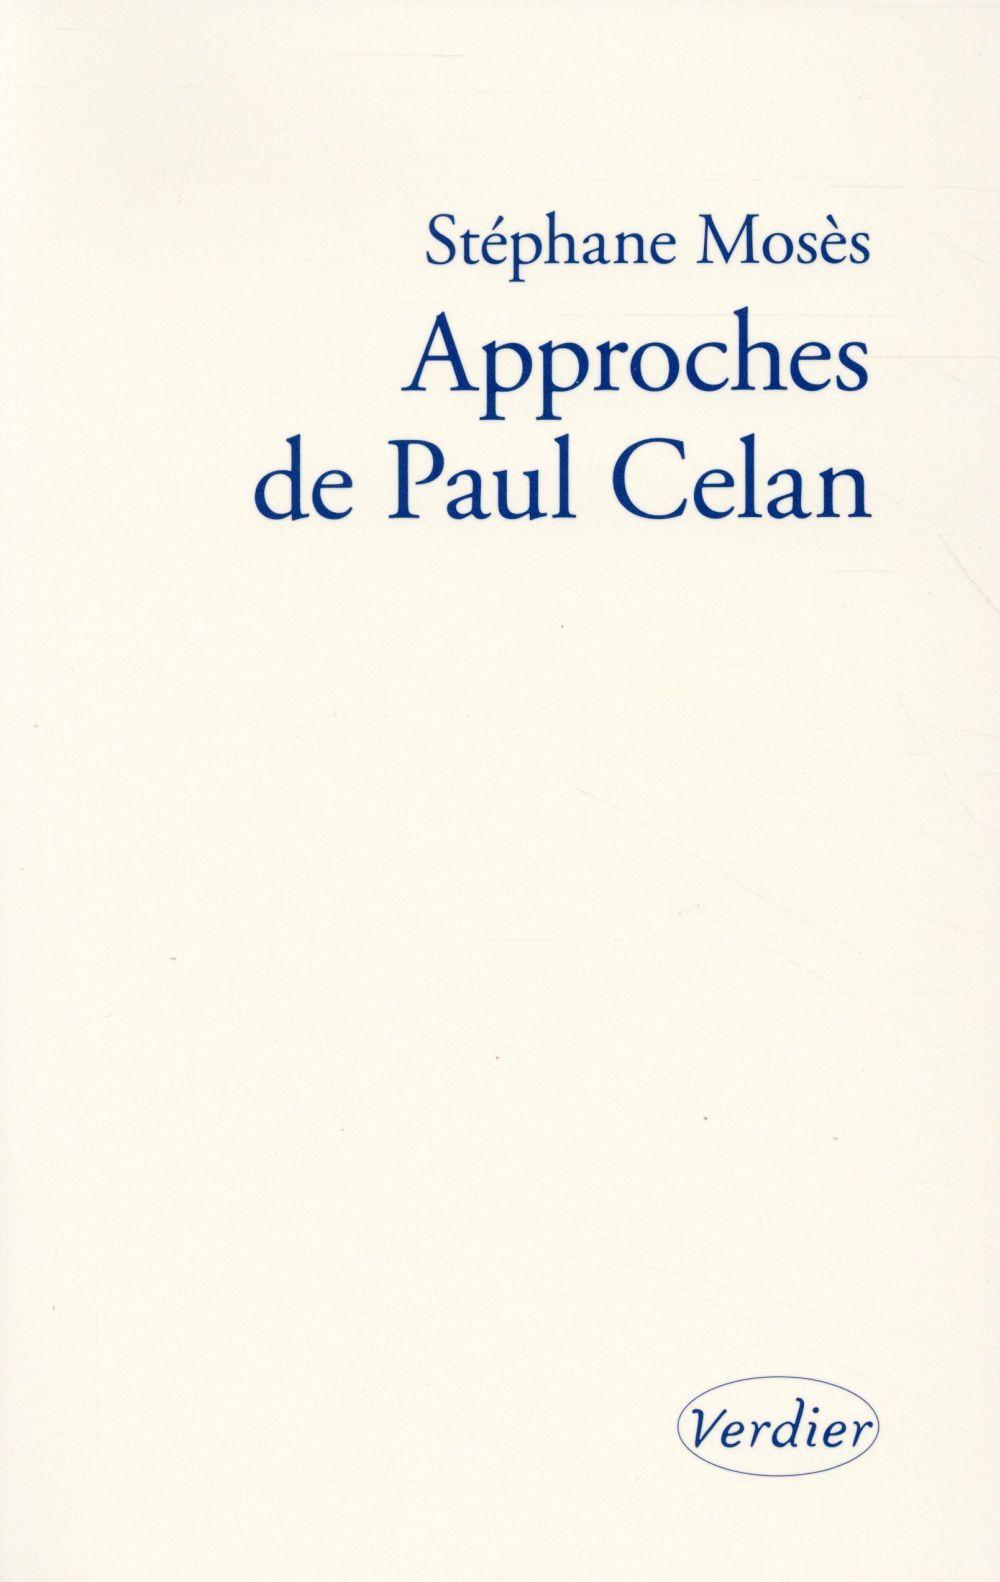 Approches de Paul Celan